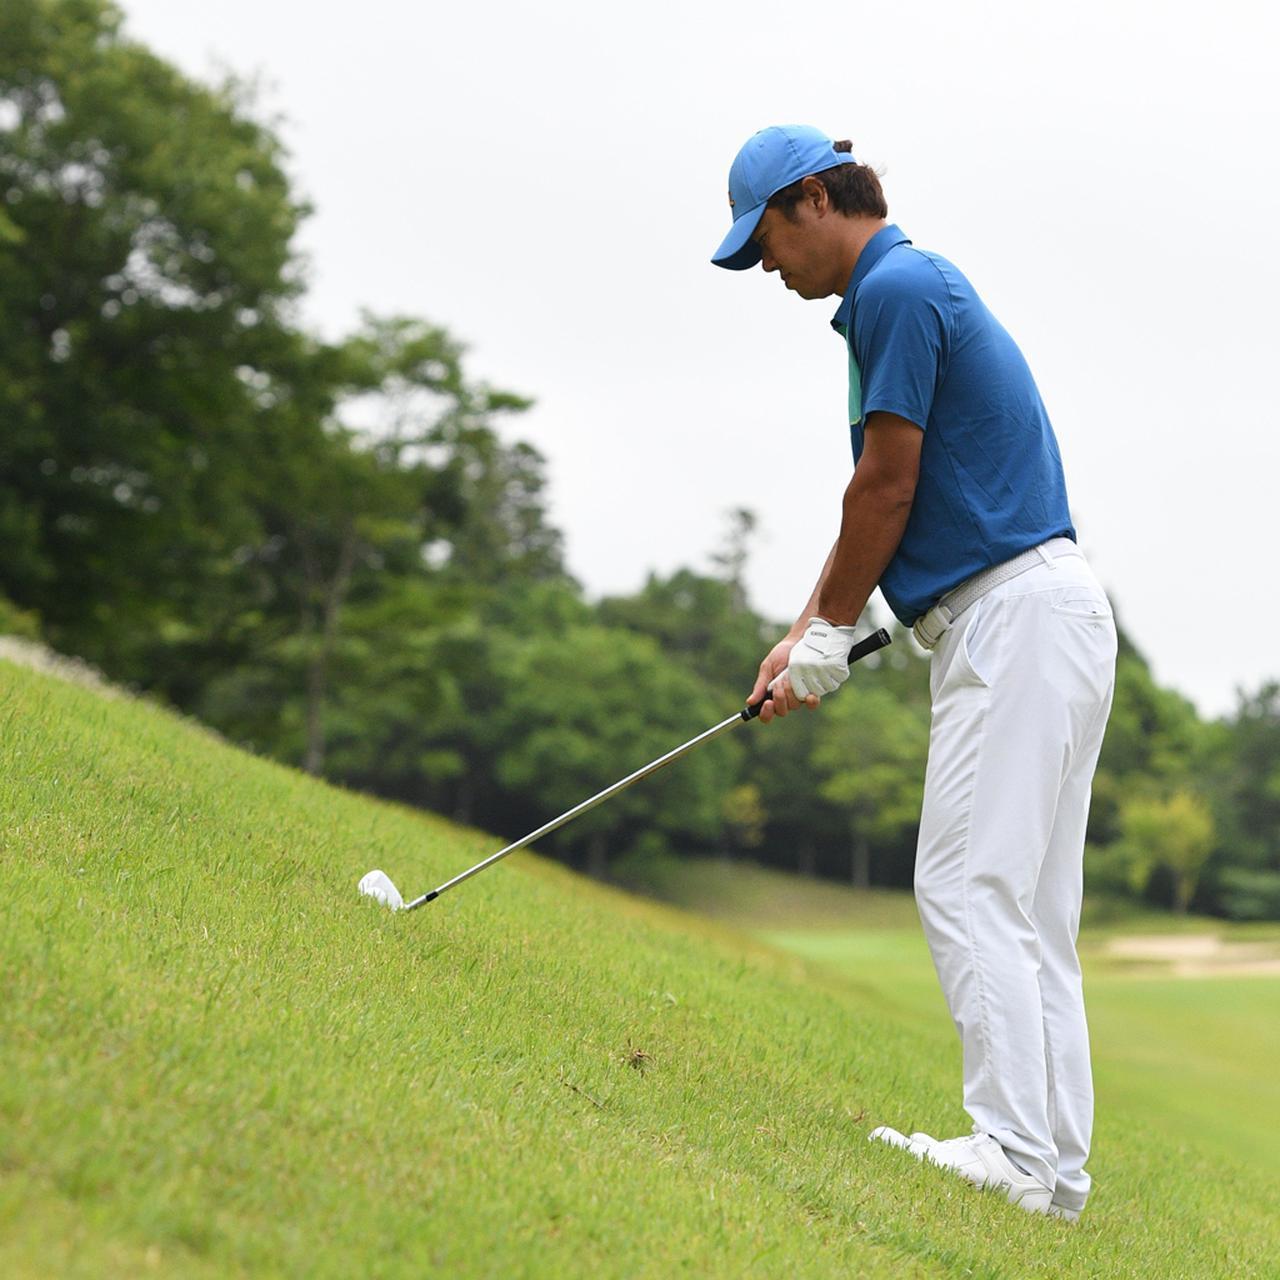 画像1: 【傾斜地アイアン】夏ゴルフ、つま先上がりの斜面ラフに止まった。かなりの急傾斜から上手く打つには…。(後編)